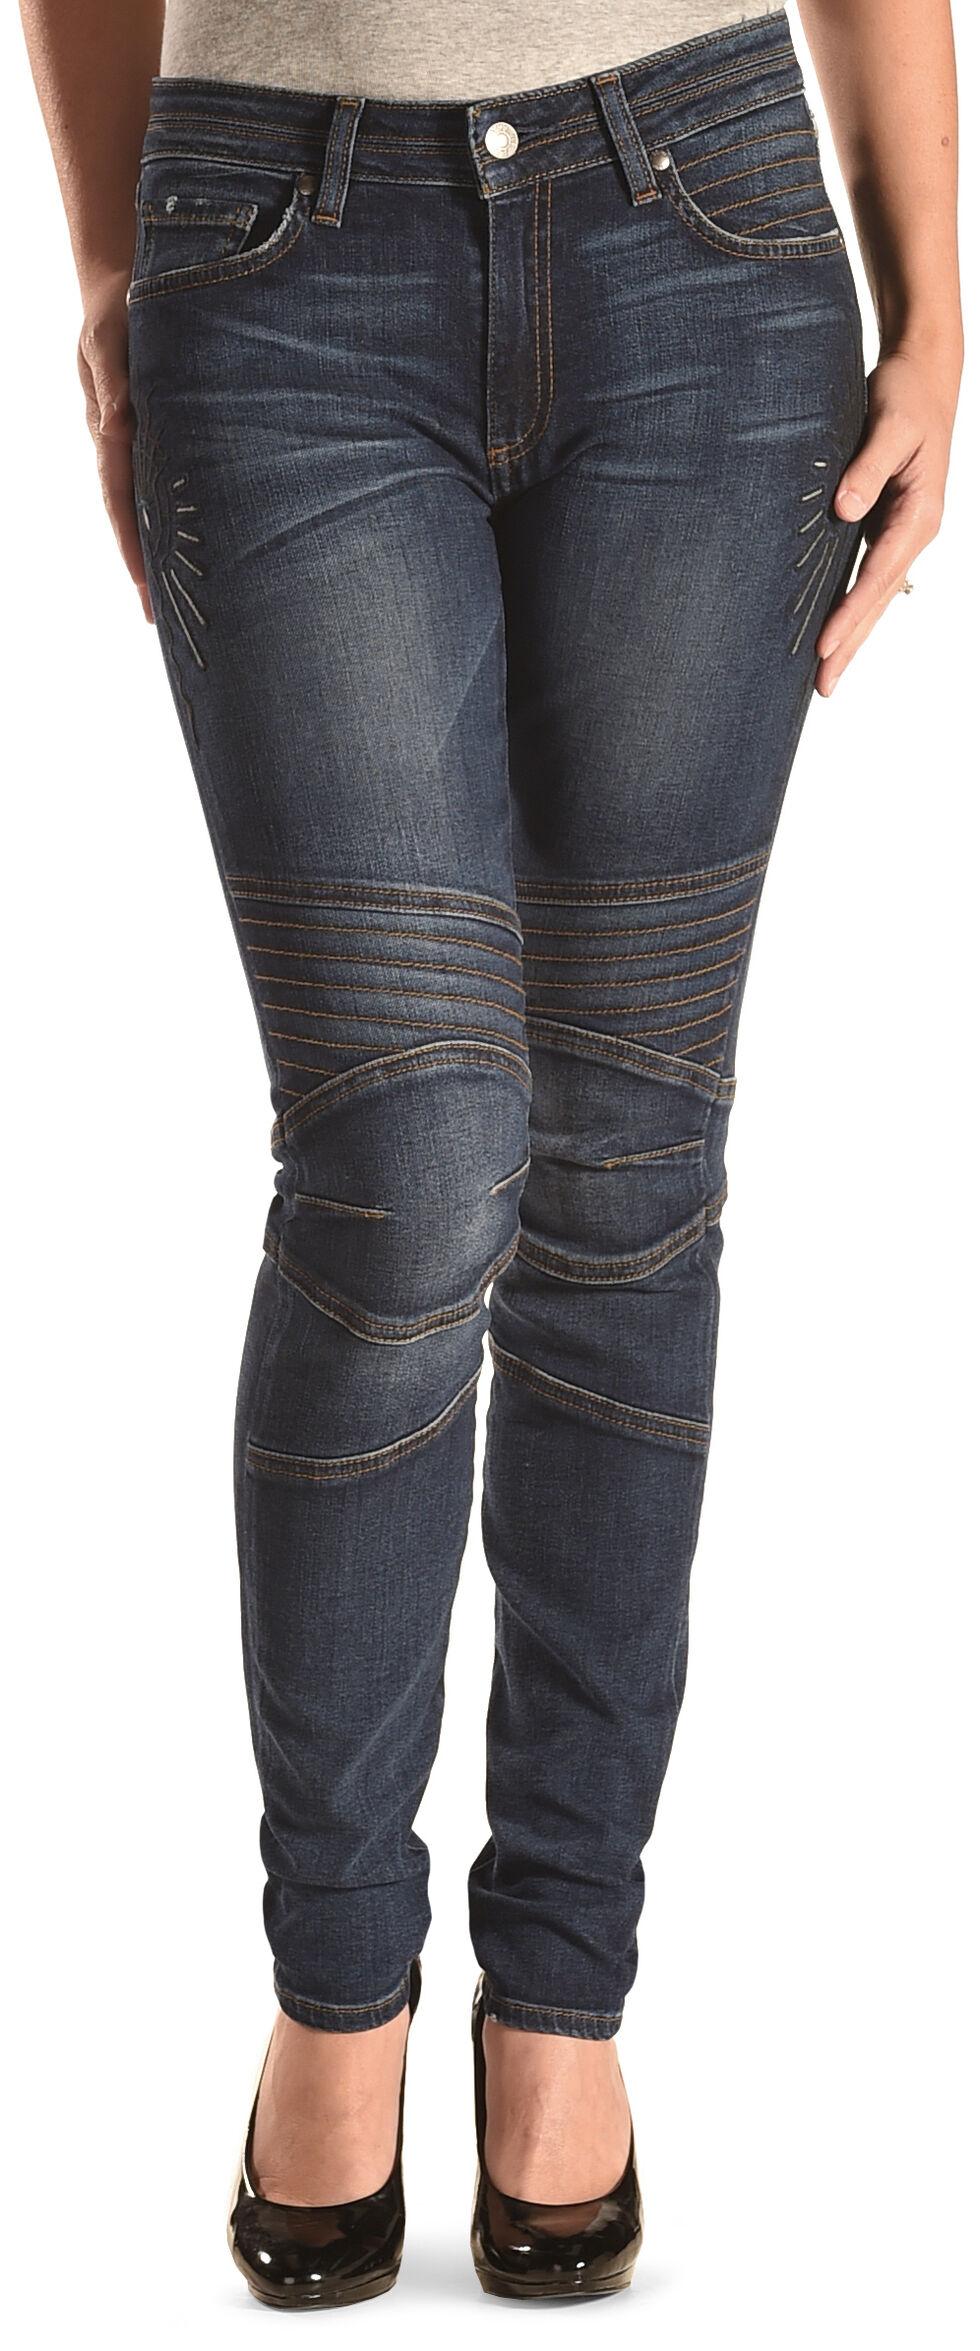 MM Vintage Women's Kate Biker Blue Skinny Jeans, Indigo, hi-res